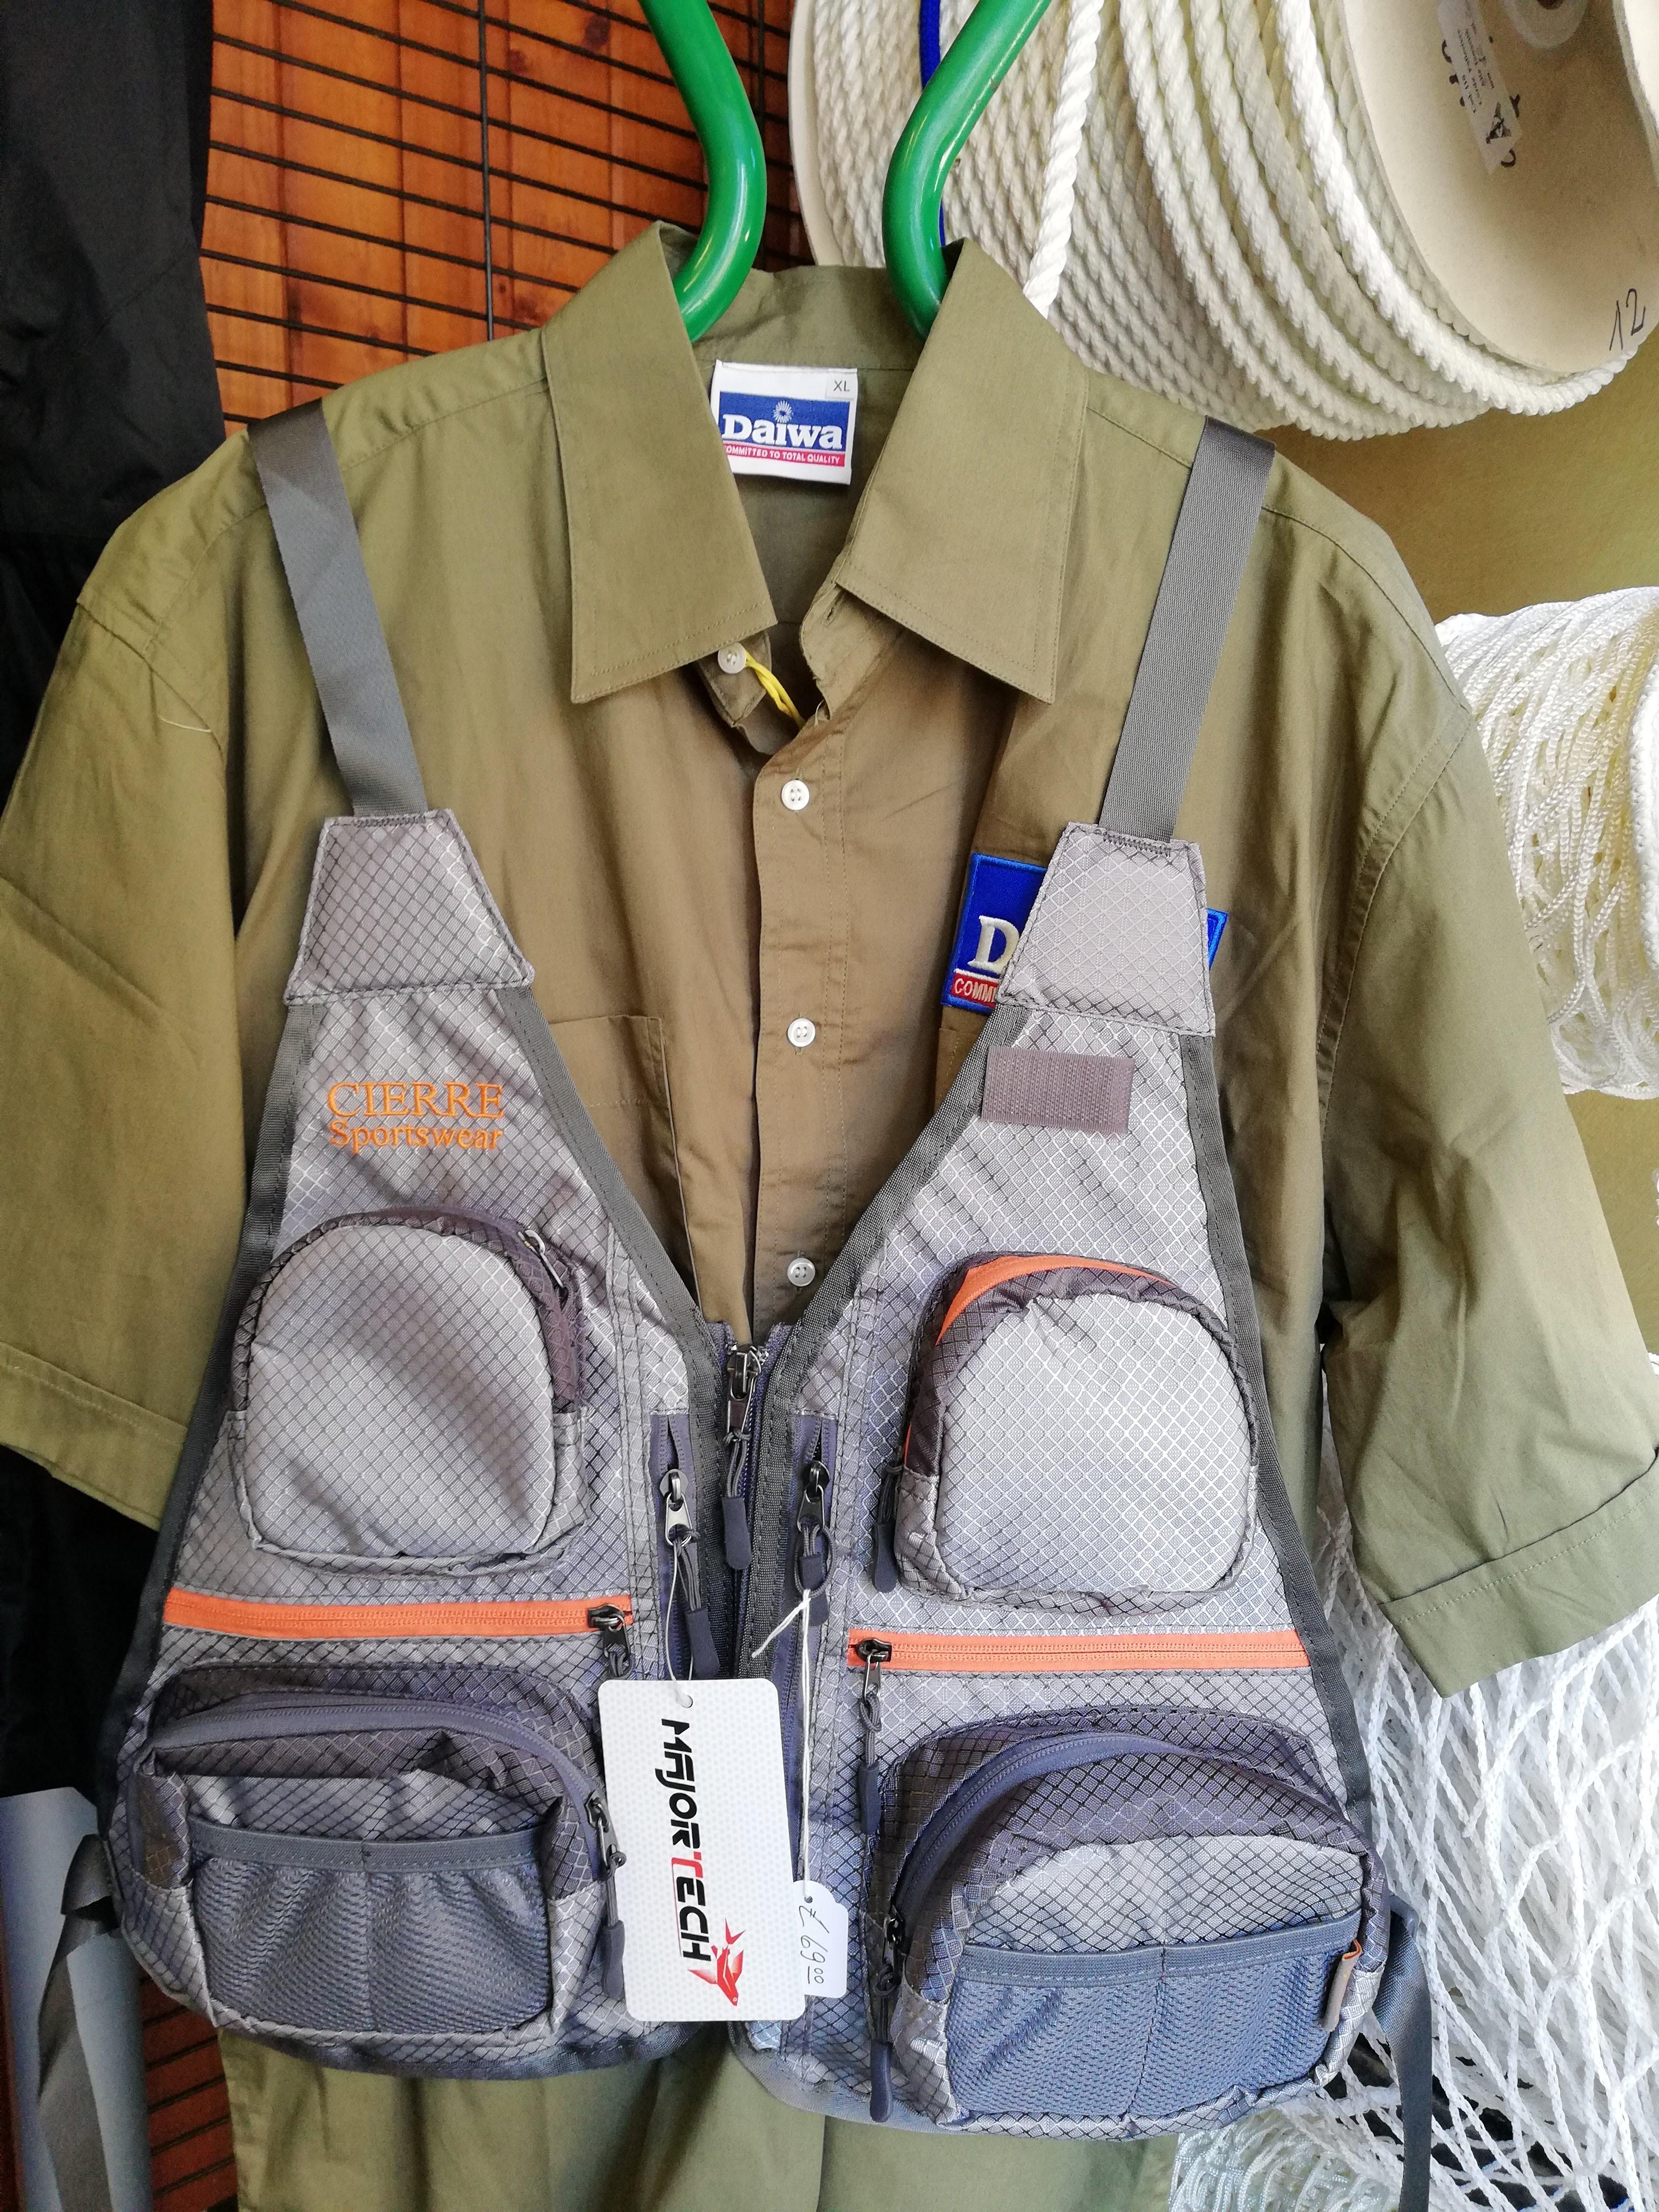 Gilet da pesca, pesca mosca, pesca in fiume, casa del pescatore, negozio pesca, negozio pesca genova, canne da pesca